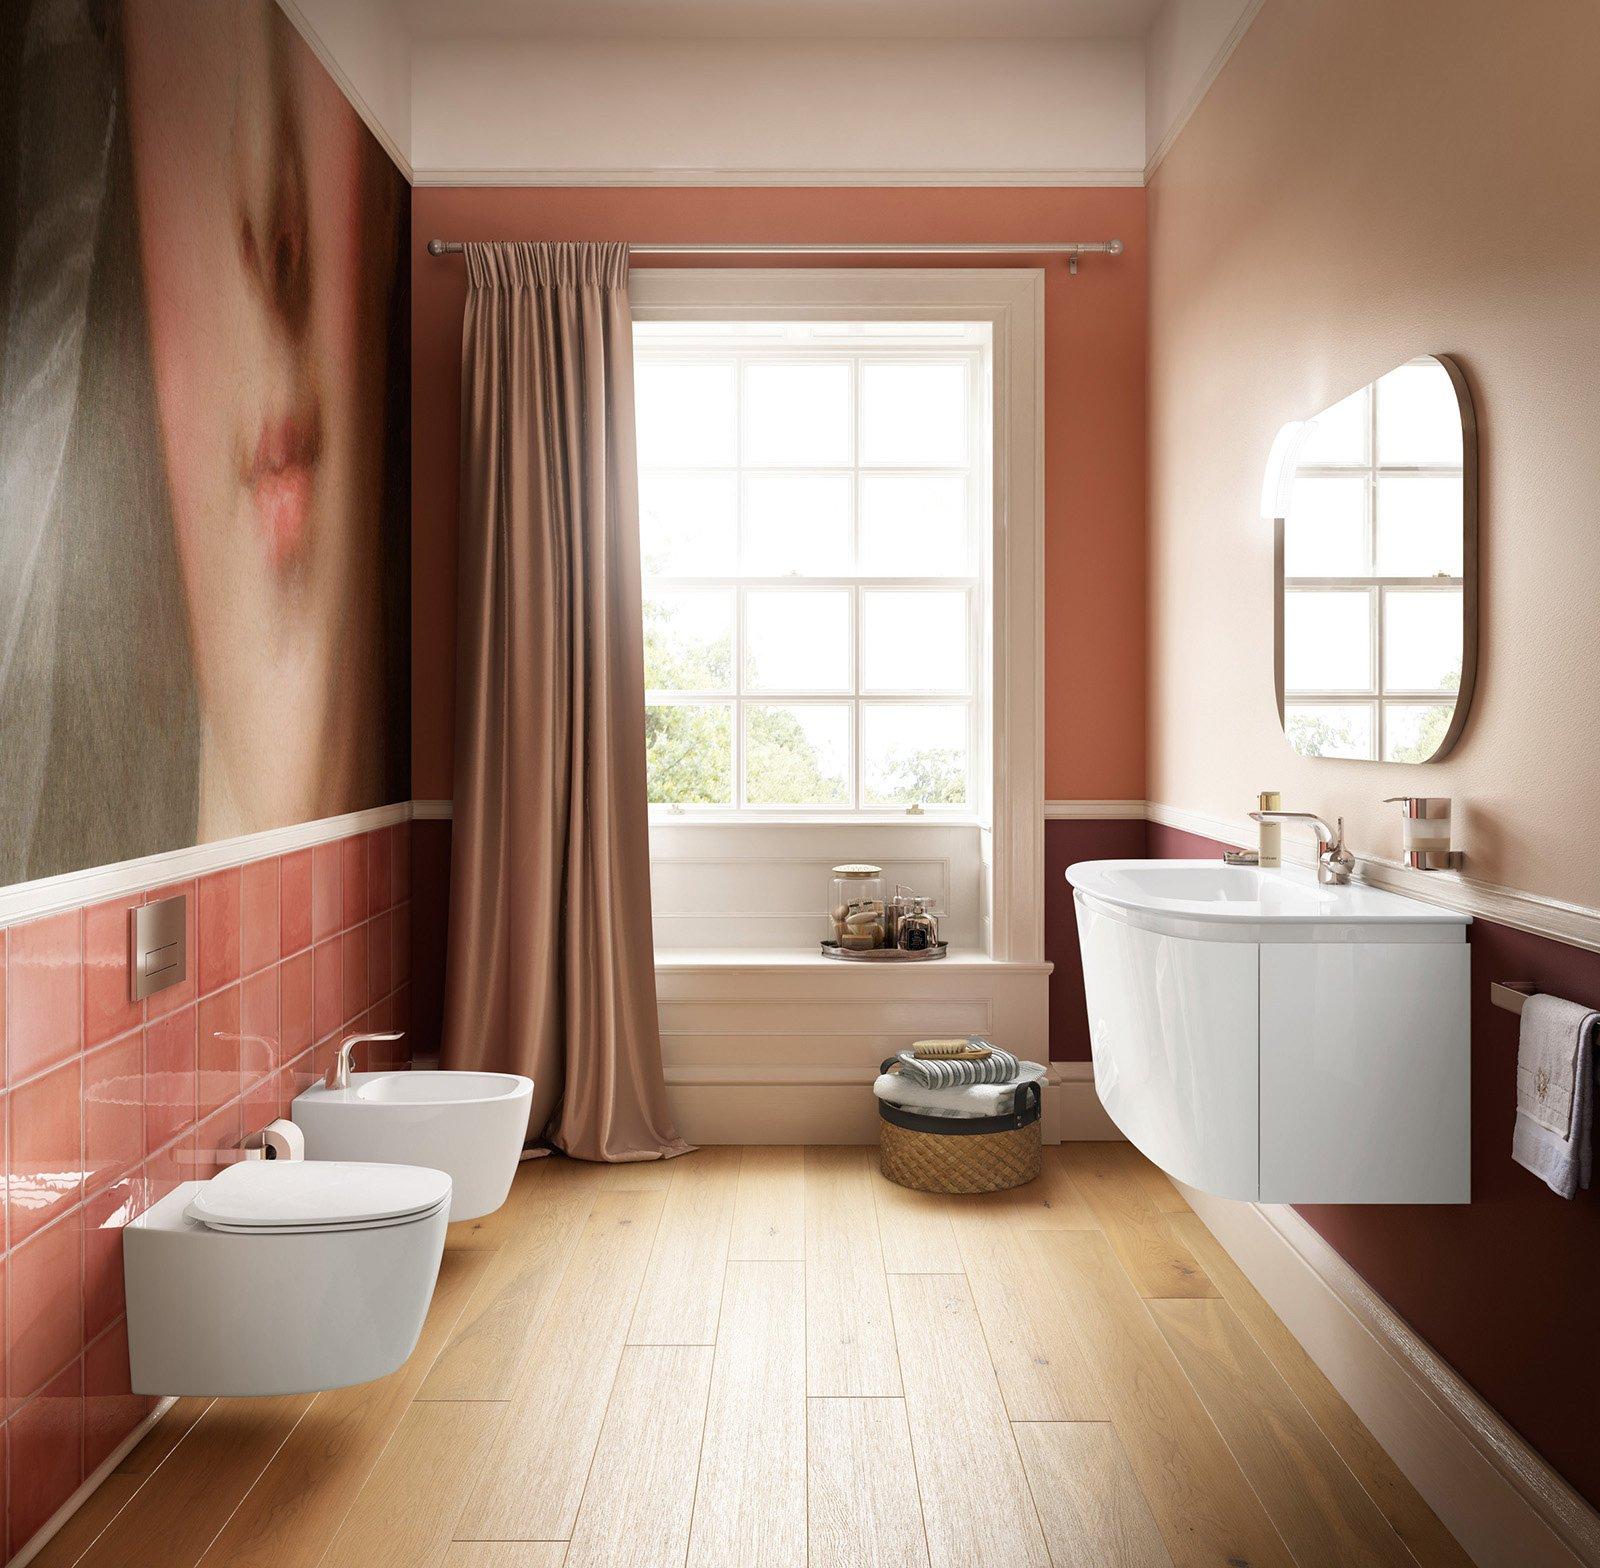 Sanitari sospesi per un bagno contemporaneo cose di casa for Vasca da bagno prezzi ideal standard